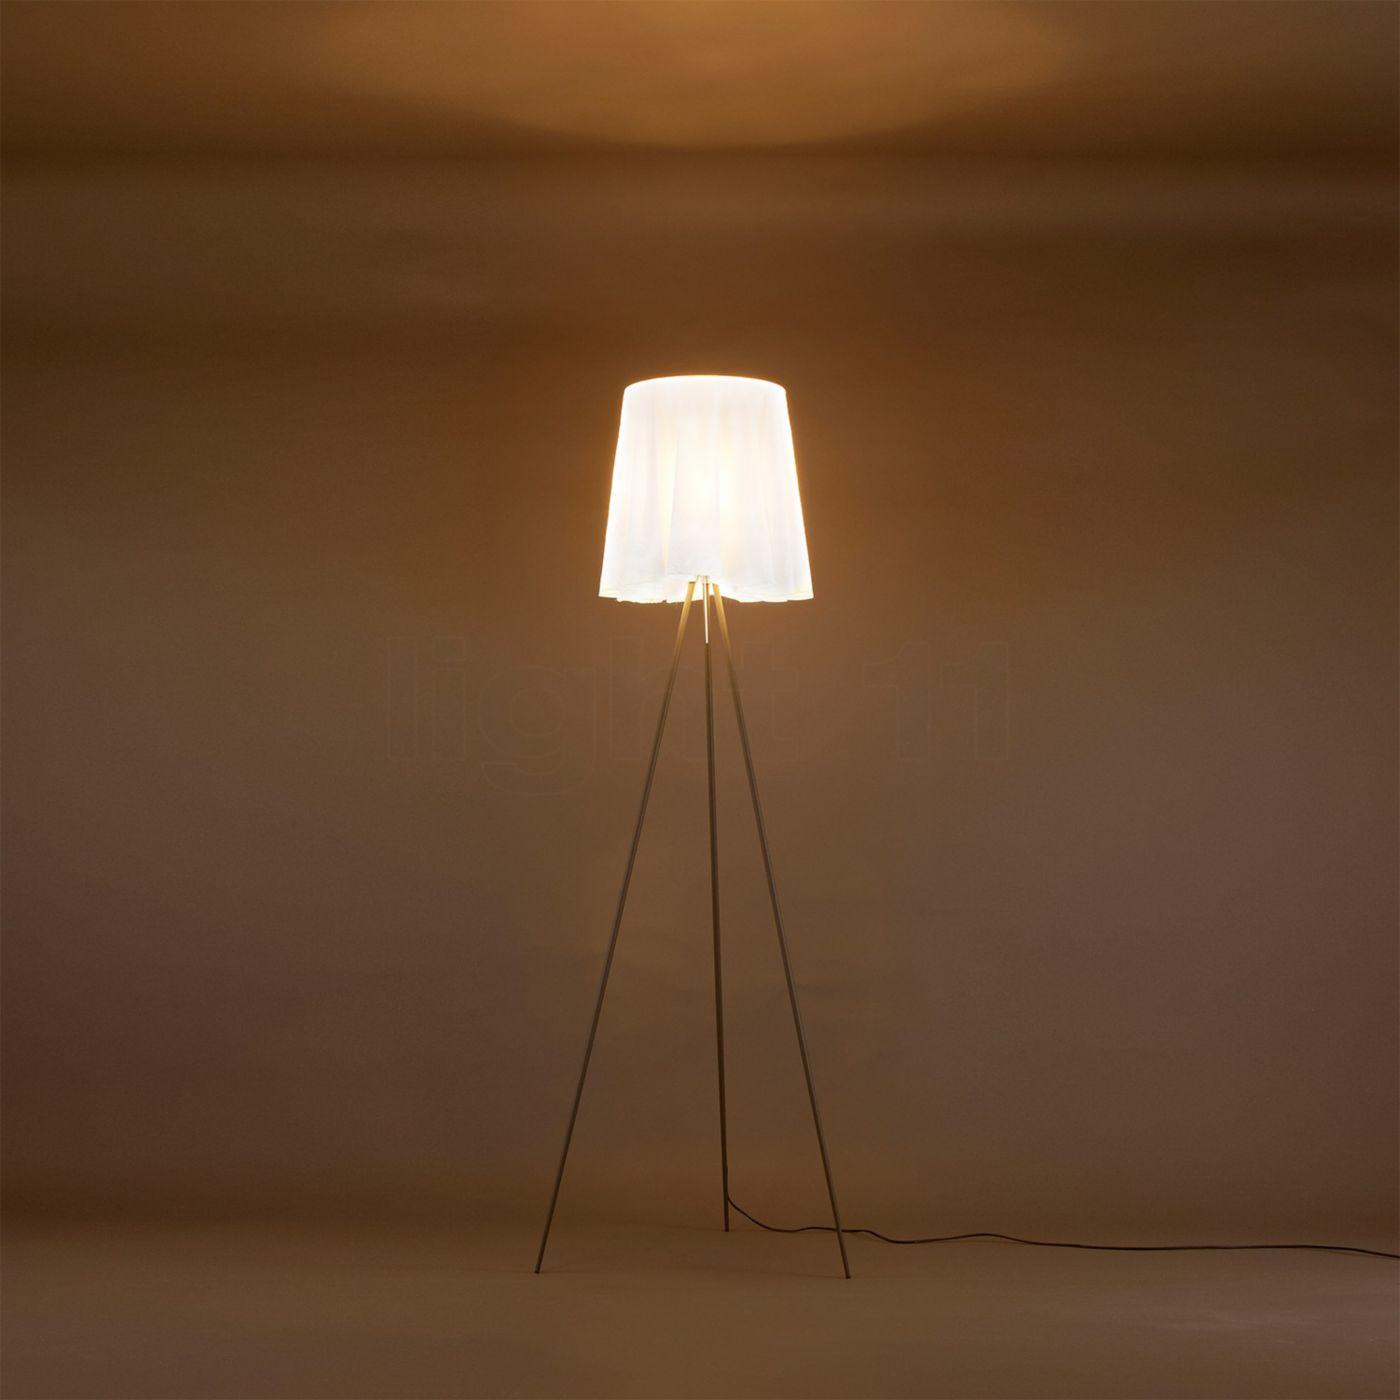 schlafzimmer lampe dimmer h lsta schlafzimmer fena komplett d sseldorf bettdecken aus wolle. Black Bedroom Furniture Sets. Home Design Ideas